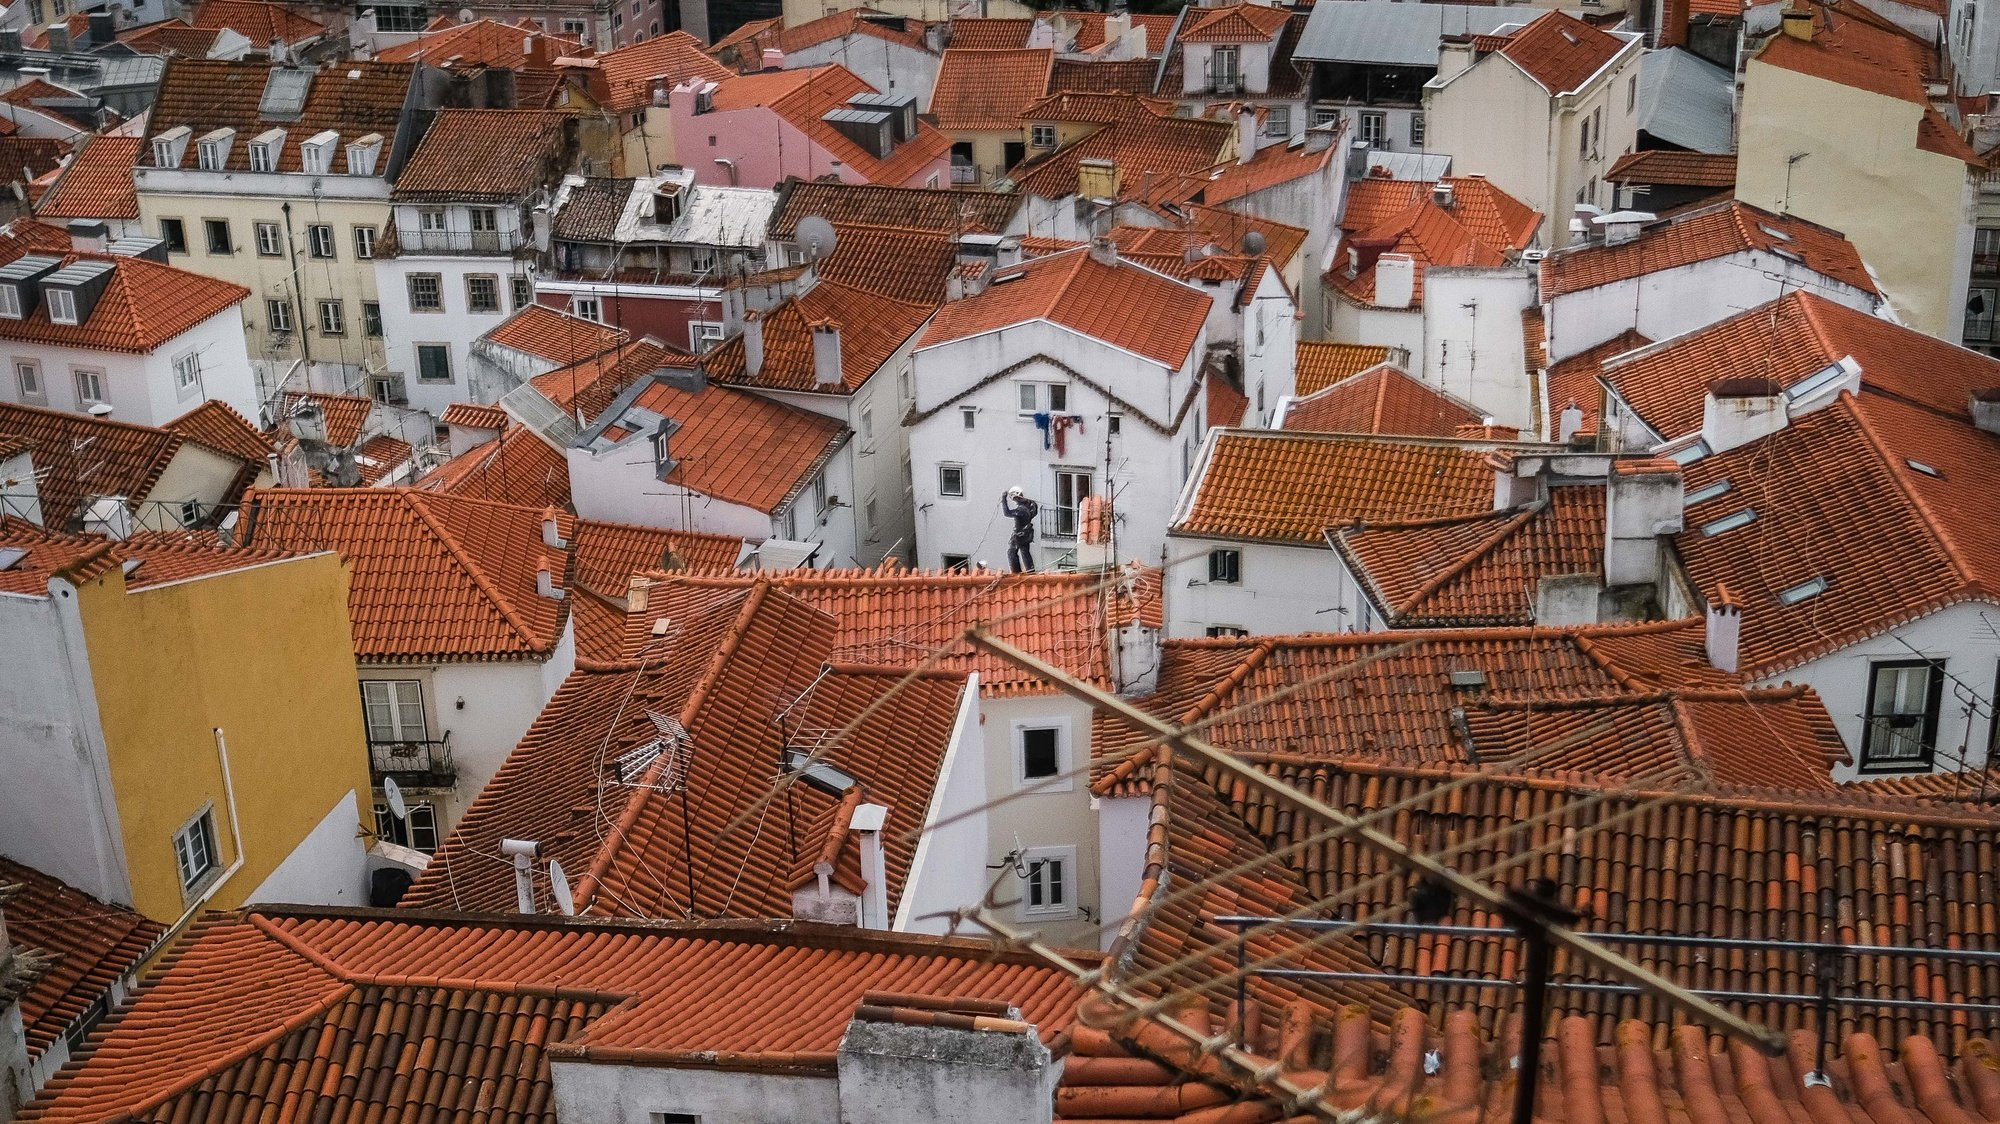 Um trabalhador nos telhados de Alfama, em Lisboa, 18 de junho de 2021. O Governo decidiu proibir as deslocações de e para a Área Metropolitana de Lisboa (AML) no fim de semana devido à subida dos casos de covid-19 neste território. MÁRIO CRUZ/LUSA